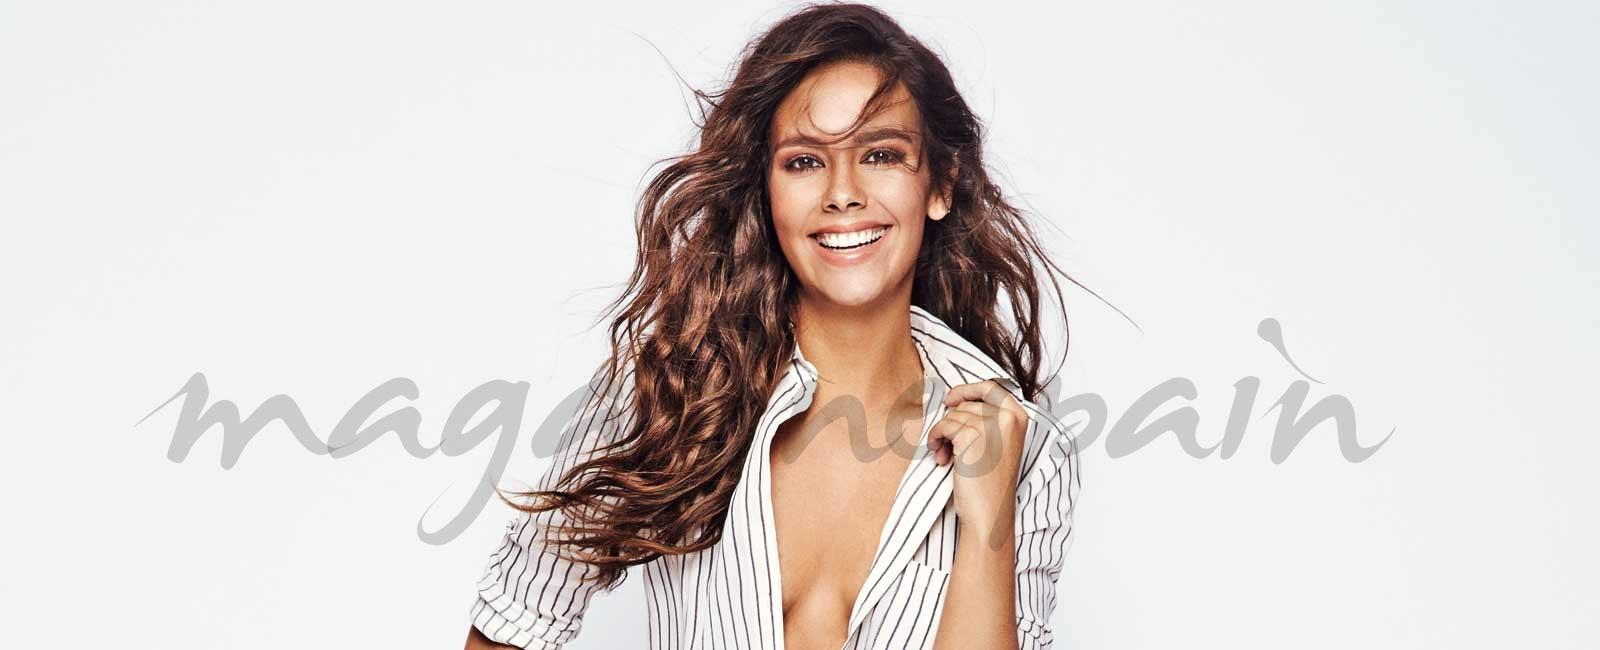 La imagen más sensual de Cristina Pedroche